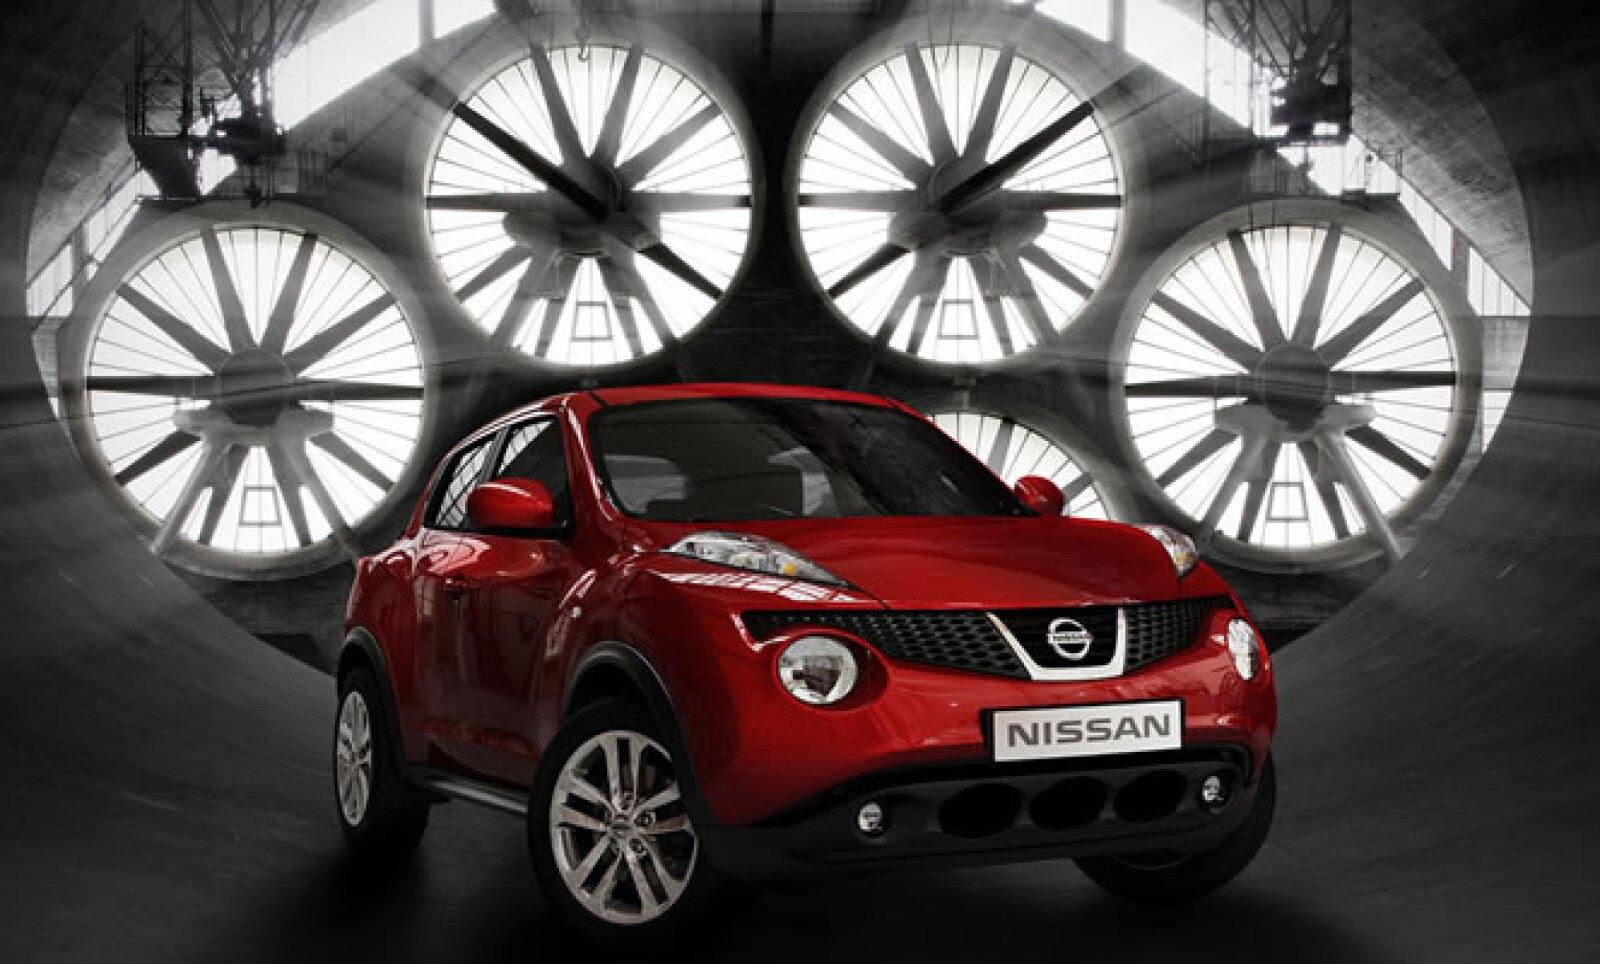 El Juke está fabricado sobre la plataforma B de la alianza Renault-Nissan, y es la misma que se utiliza en los modelos Tiida, Duster y Clio III.